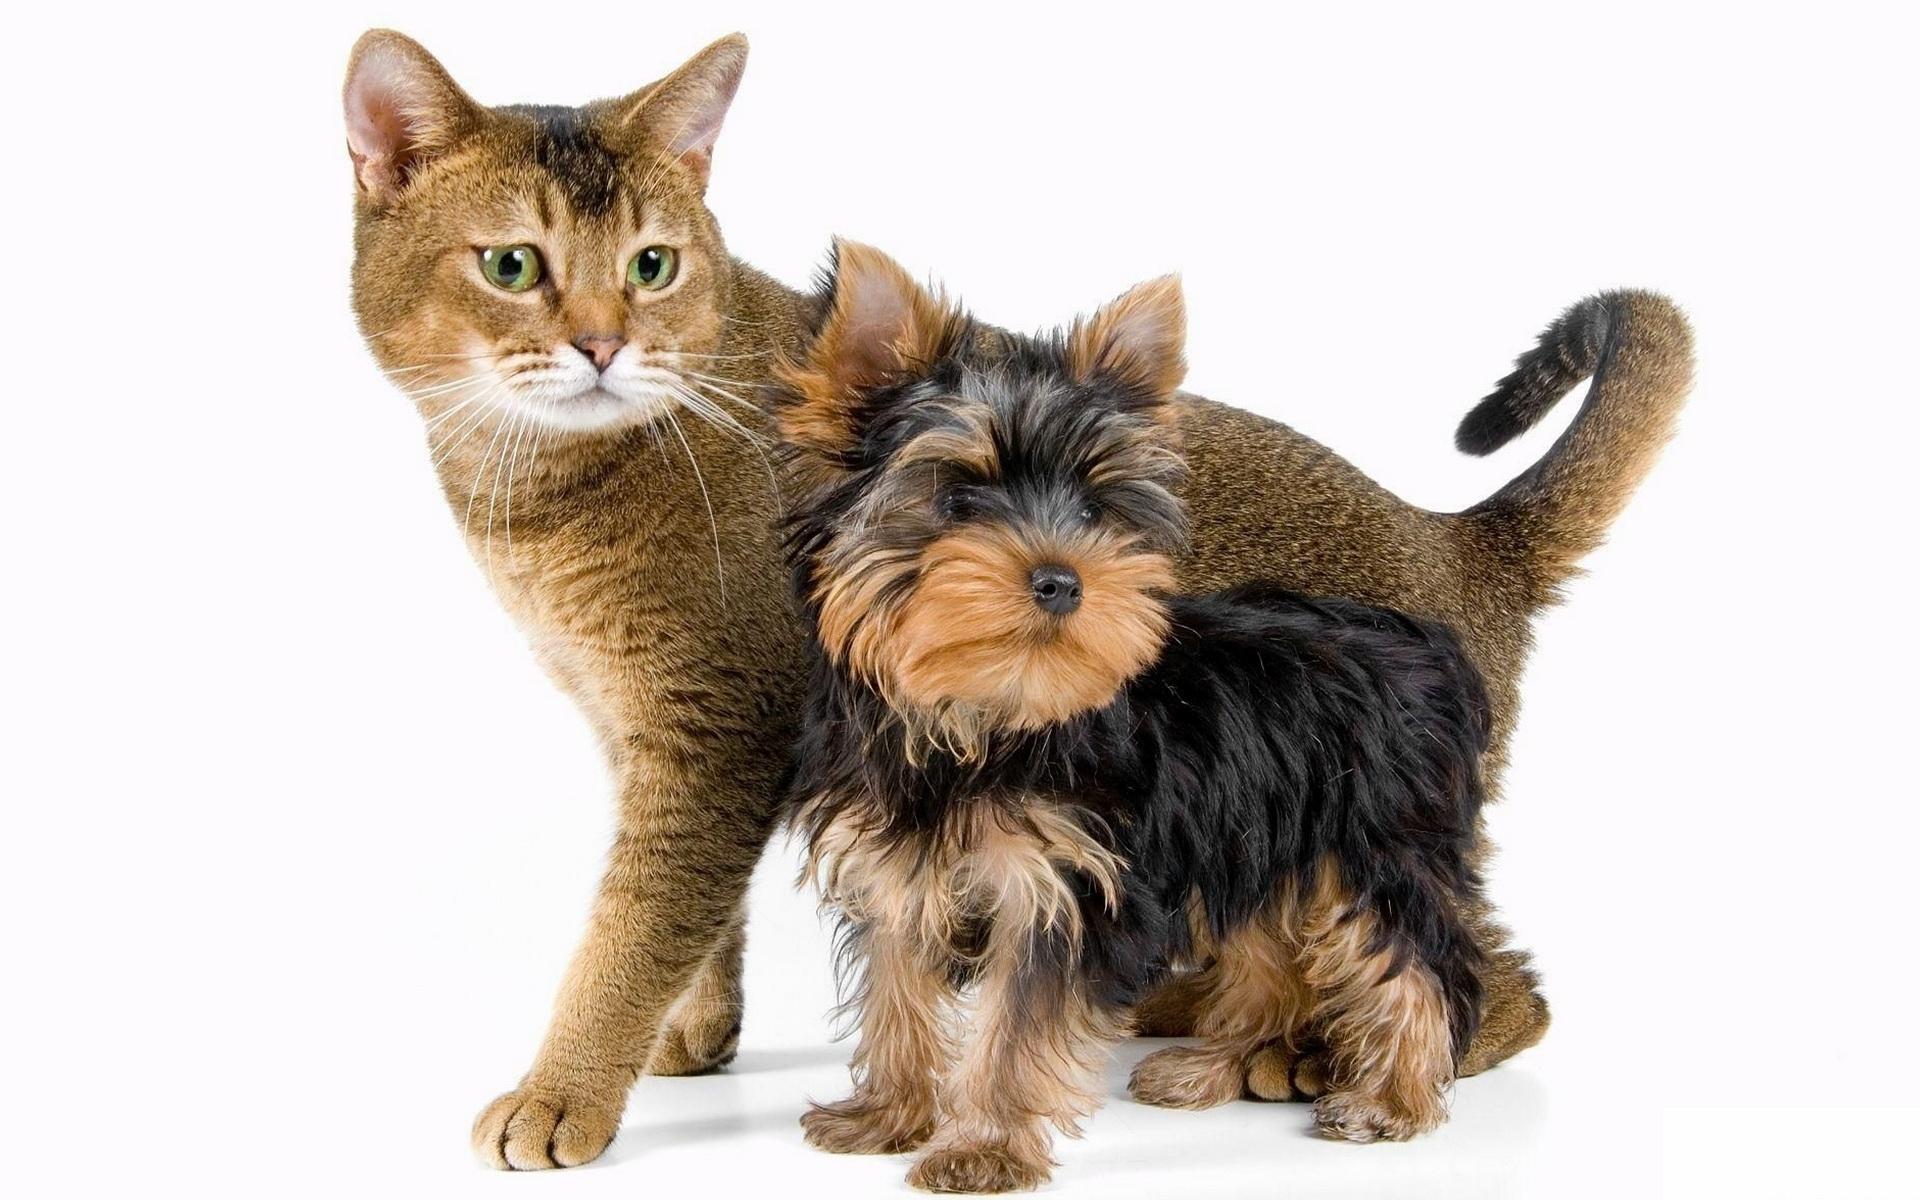 кот и щенок, фото обои для рабочего стола